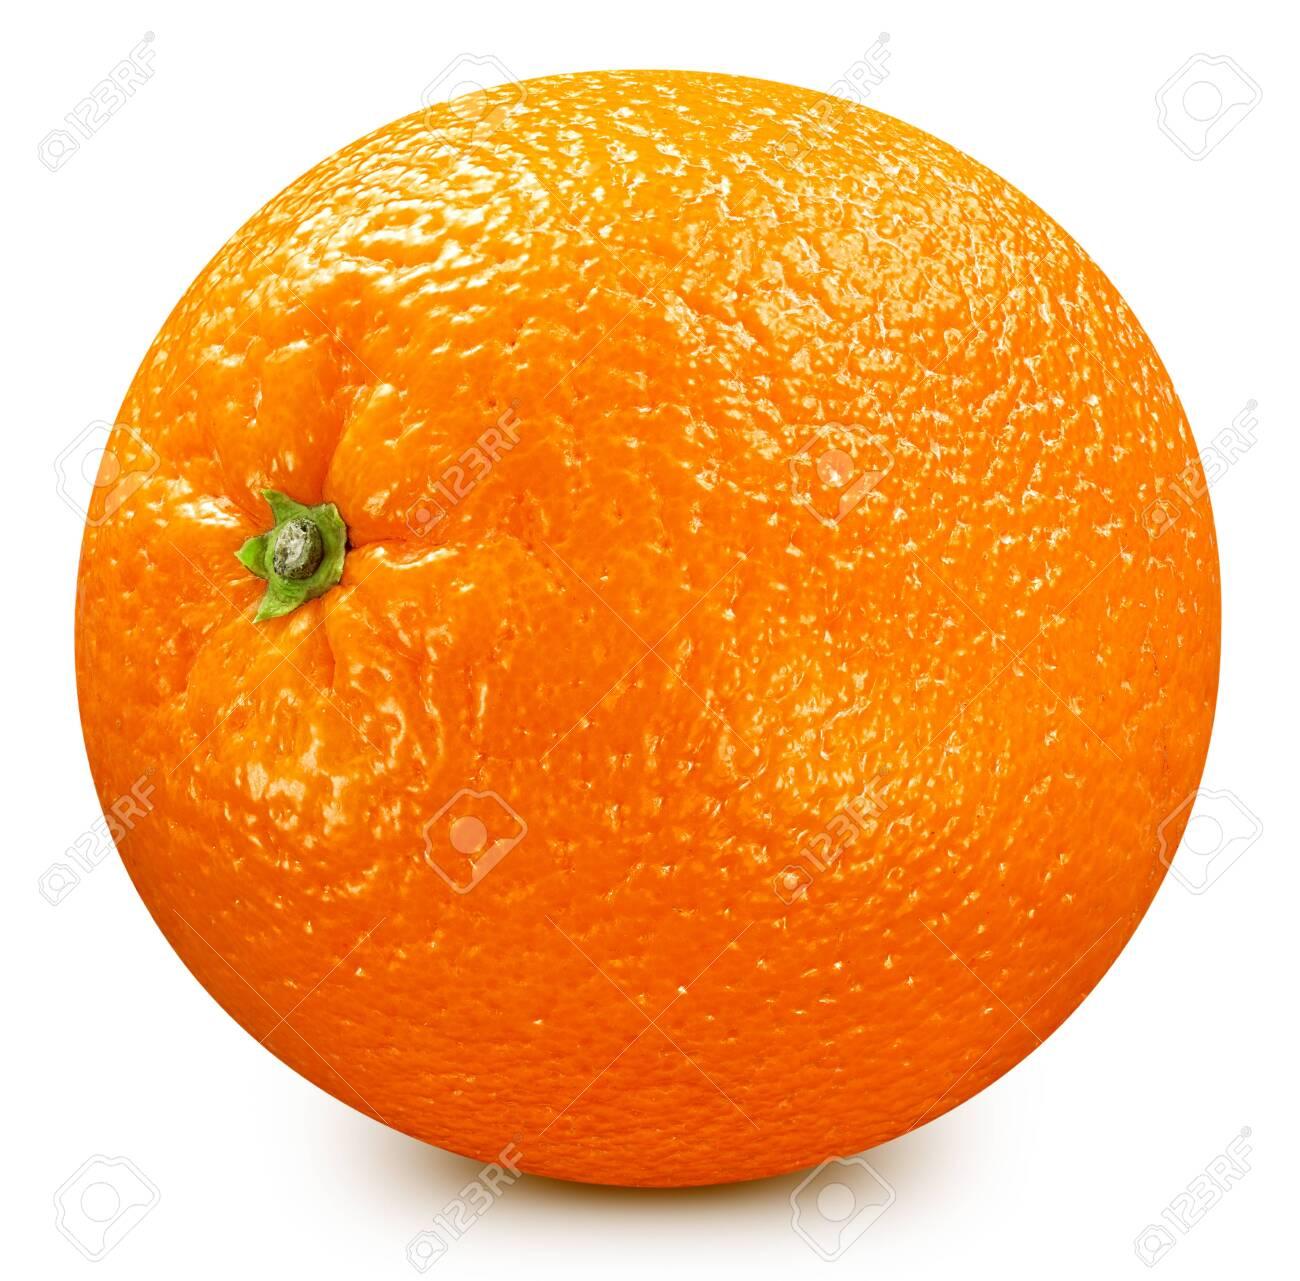 Orange fruit. Orange isolated on white background. - 146096481